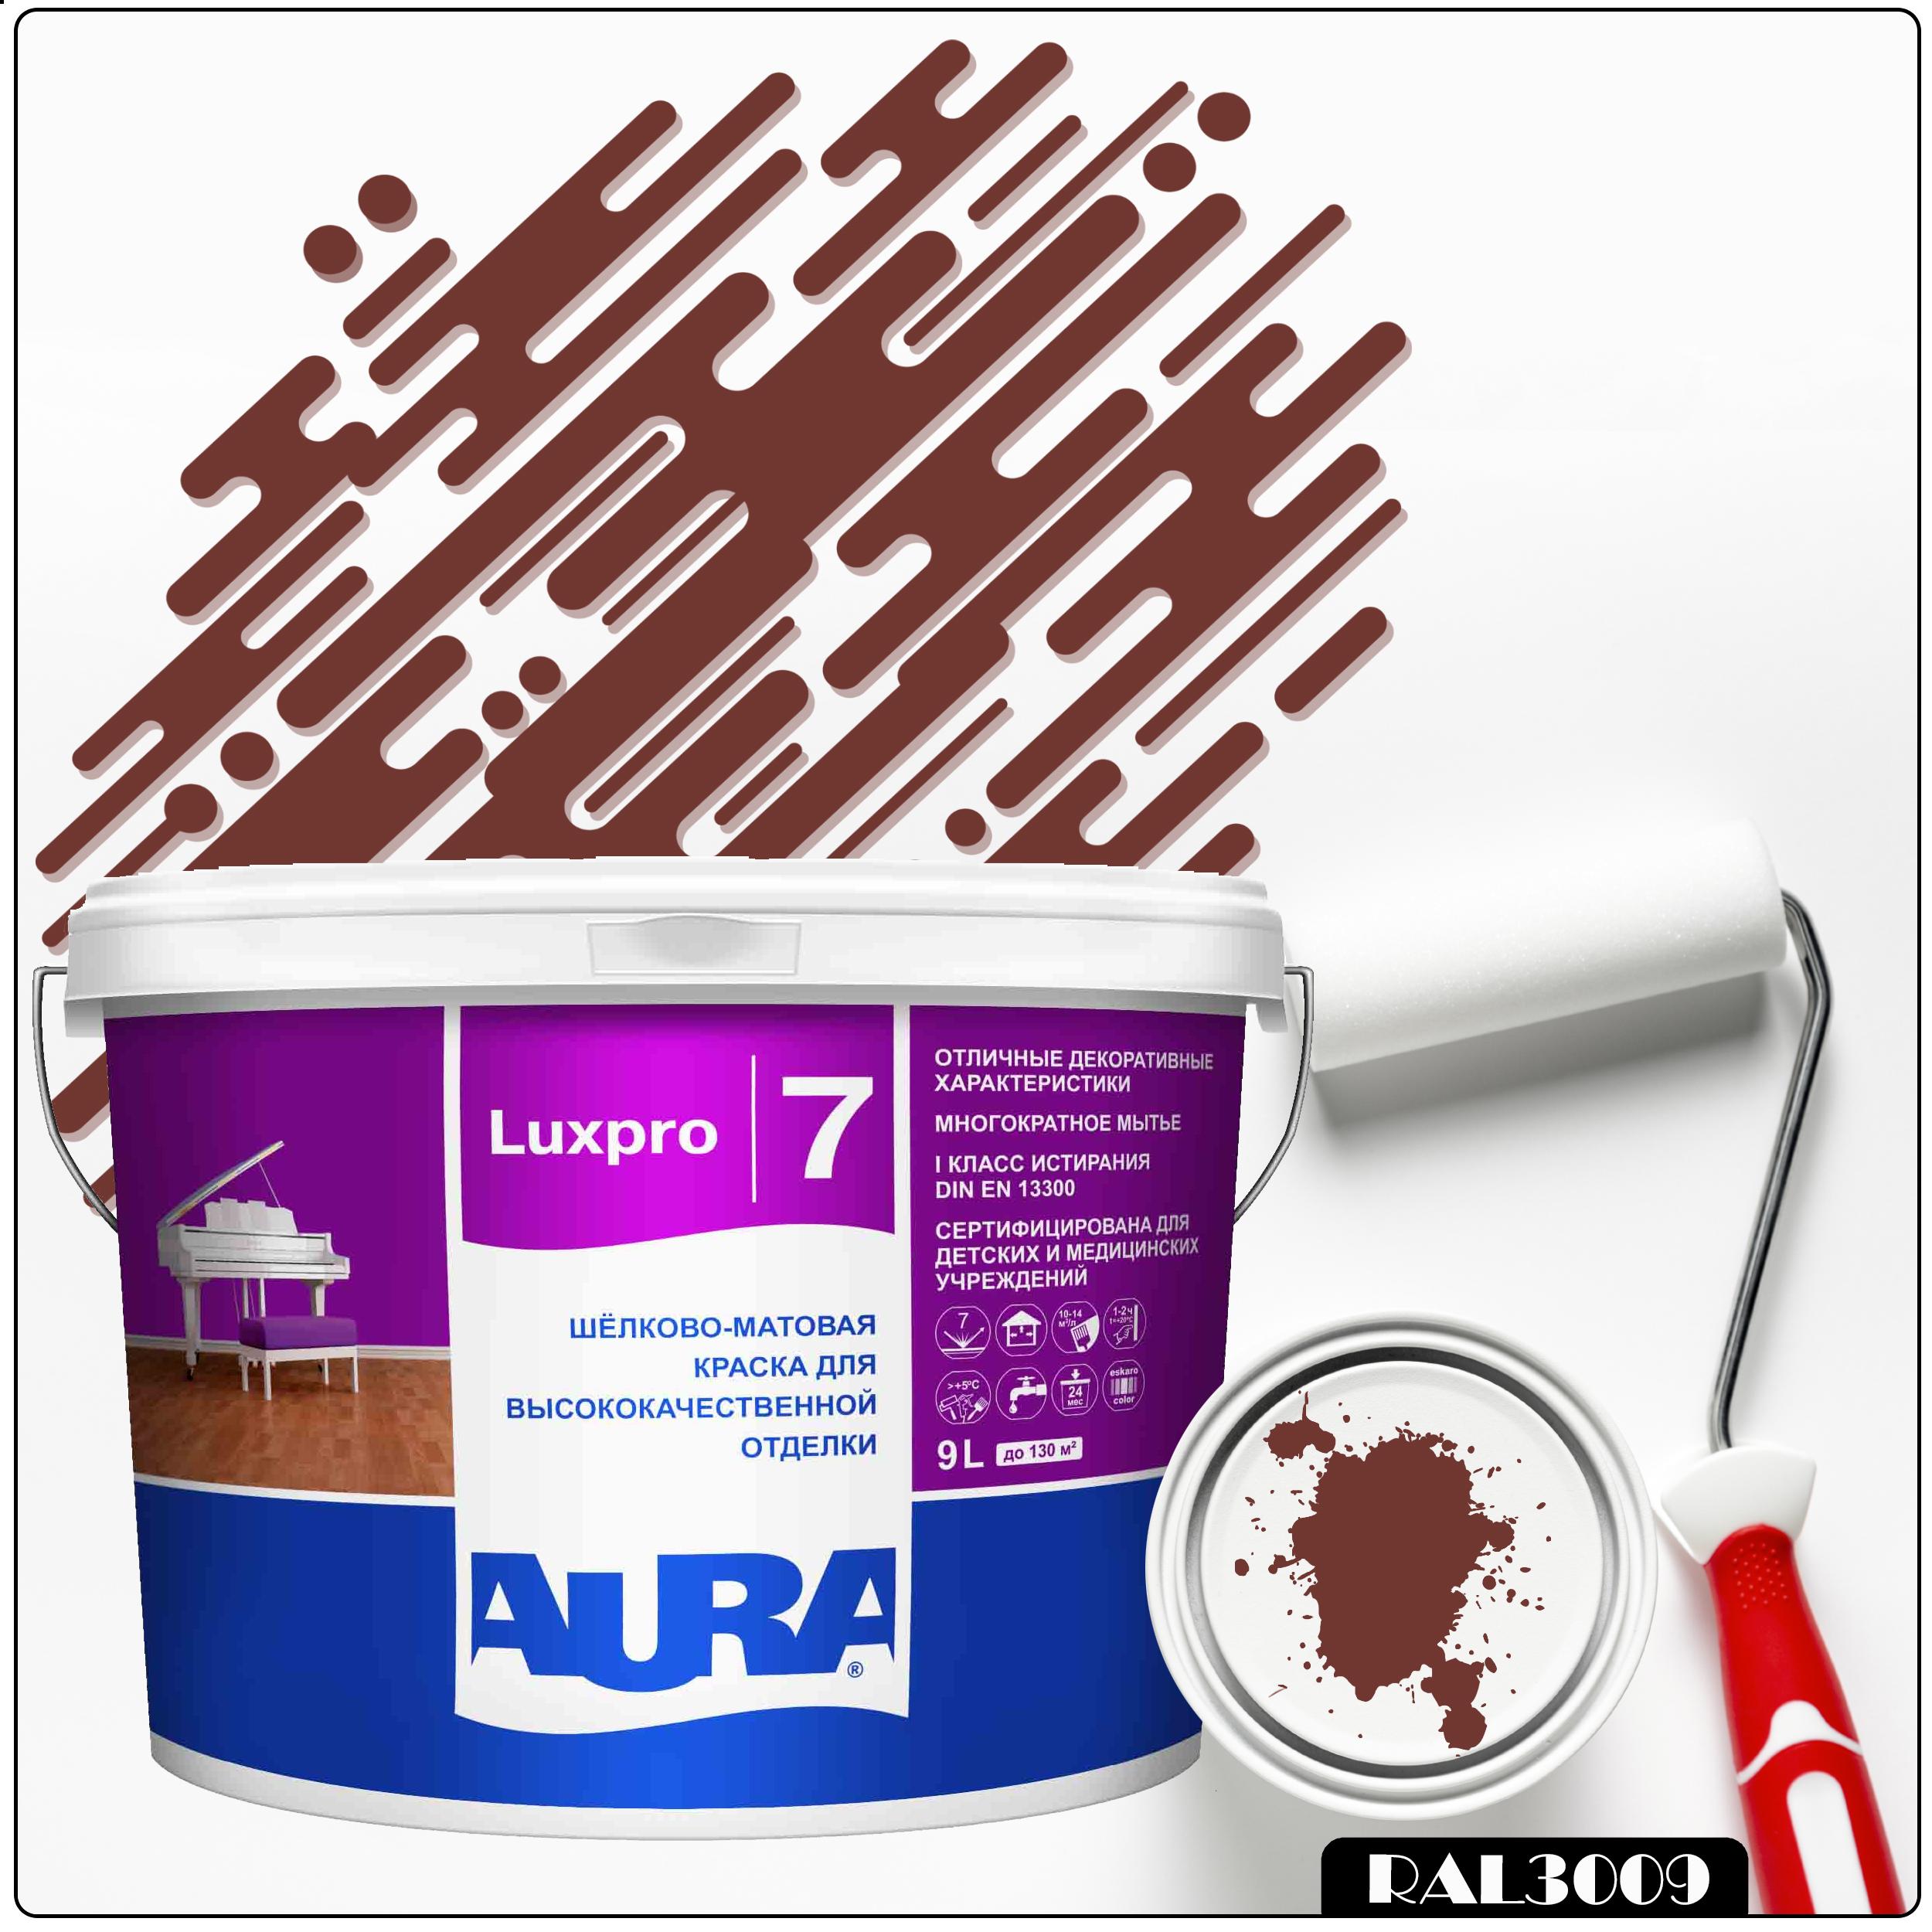 Фото 8 - Краска Aura LuxPRO 7, RAL 3009 Оксидно-красный, латексная, шелково-матовая, интерьерная, 9л, Аура.